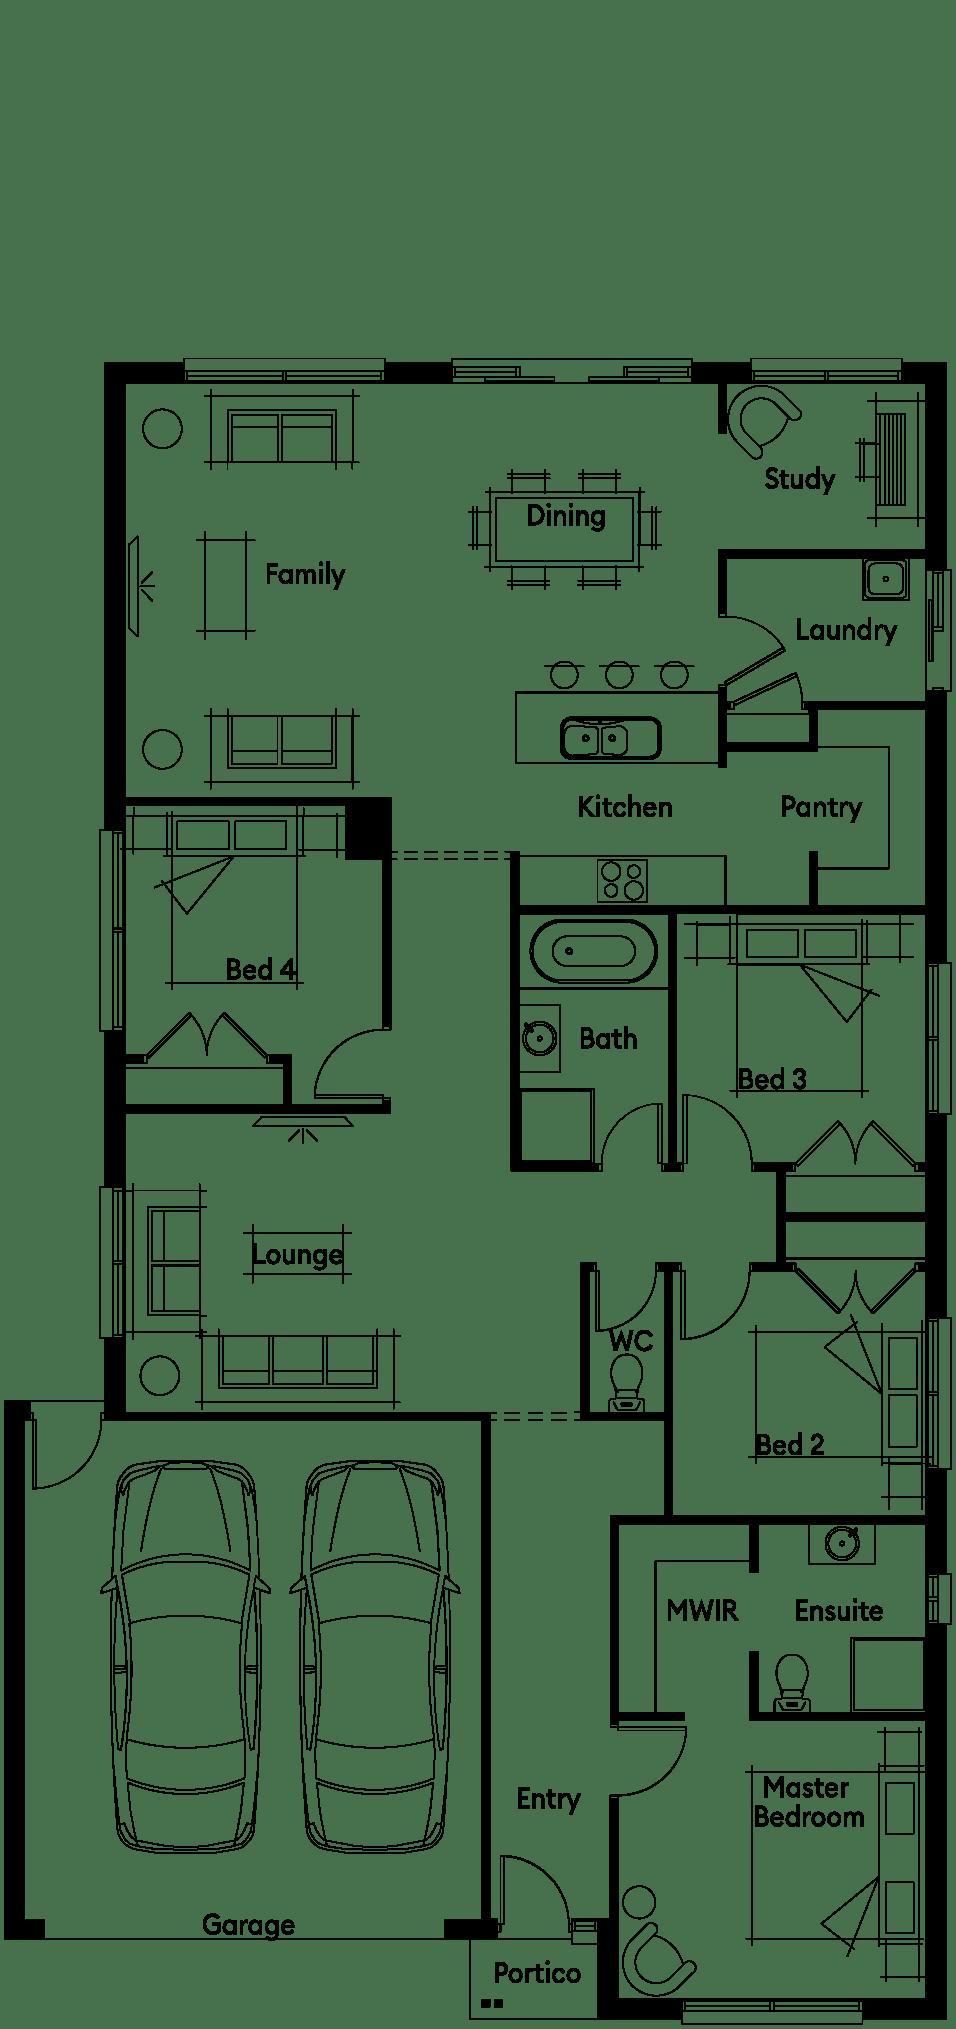 FloorPlan1_HOUSE760_Lamont_22